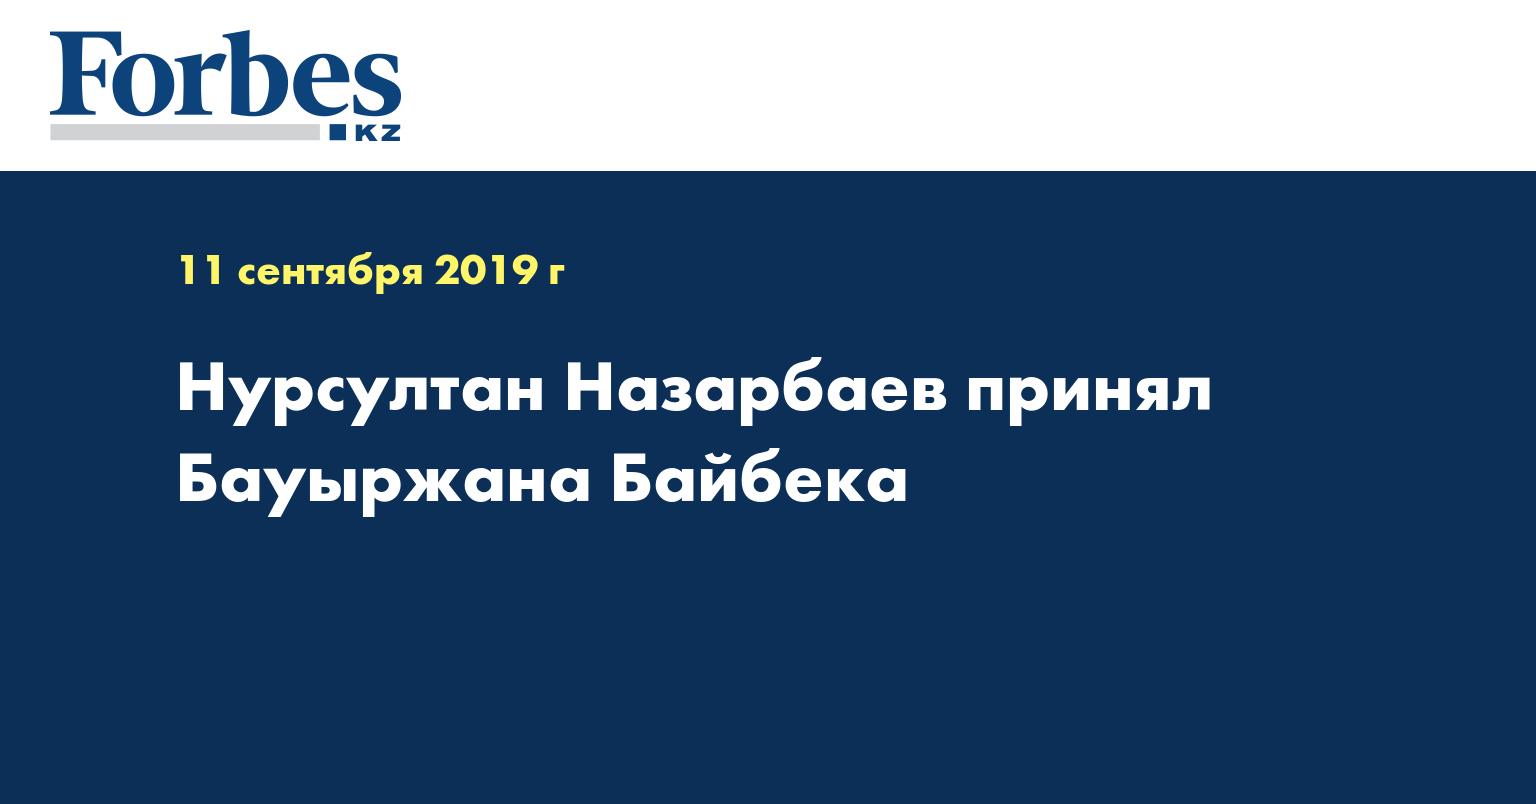 Нурсултан Назарбаев принял Бауыржана Байбека